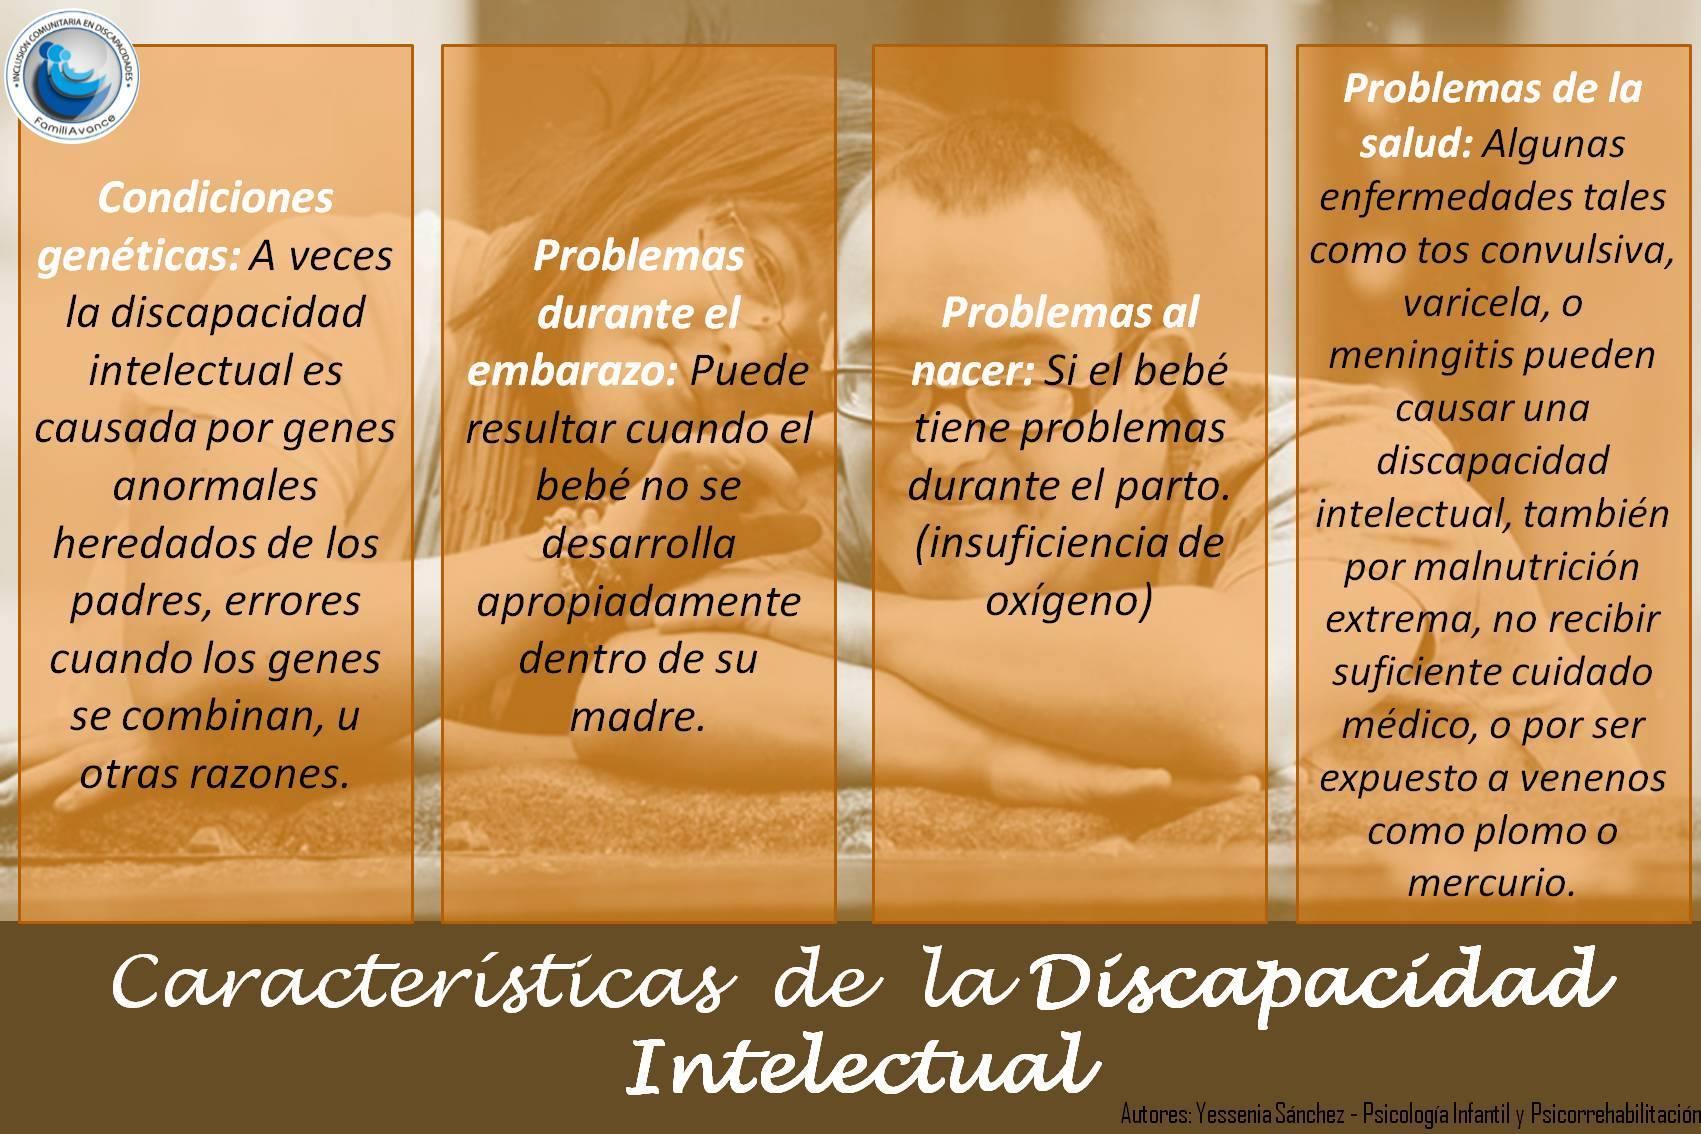 DISCAPACIDAD INTELECTUAL Y PROBLEMAS DE APRENDIZAJE